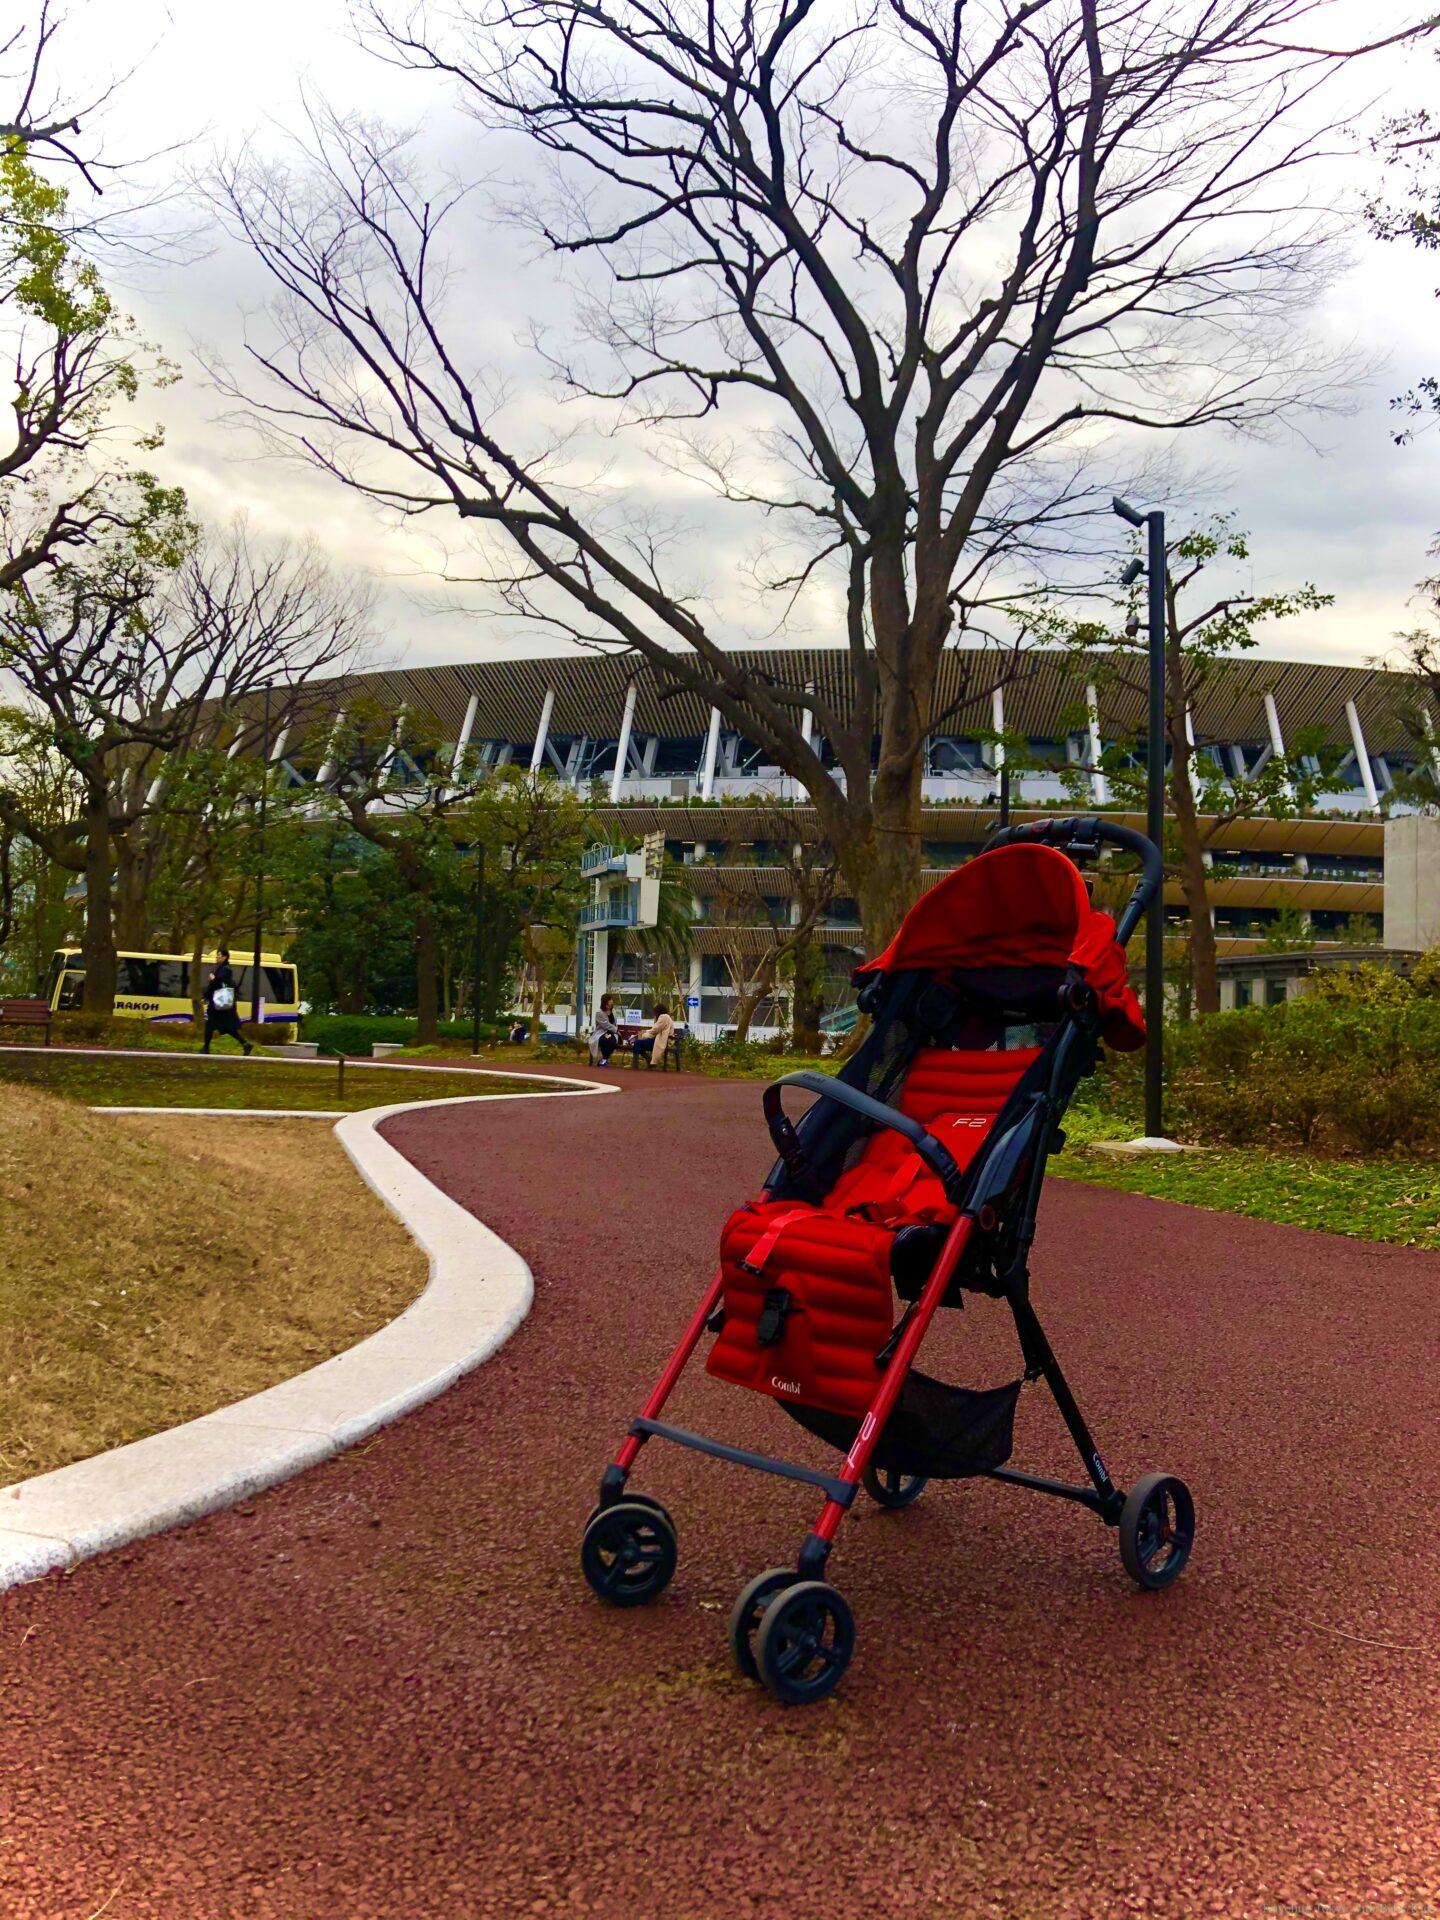 rental stroller in tokyo japan